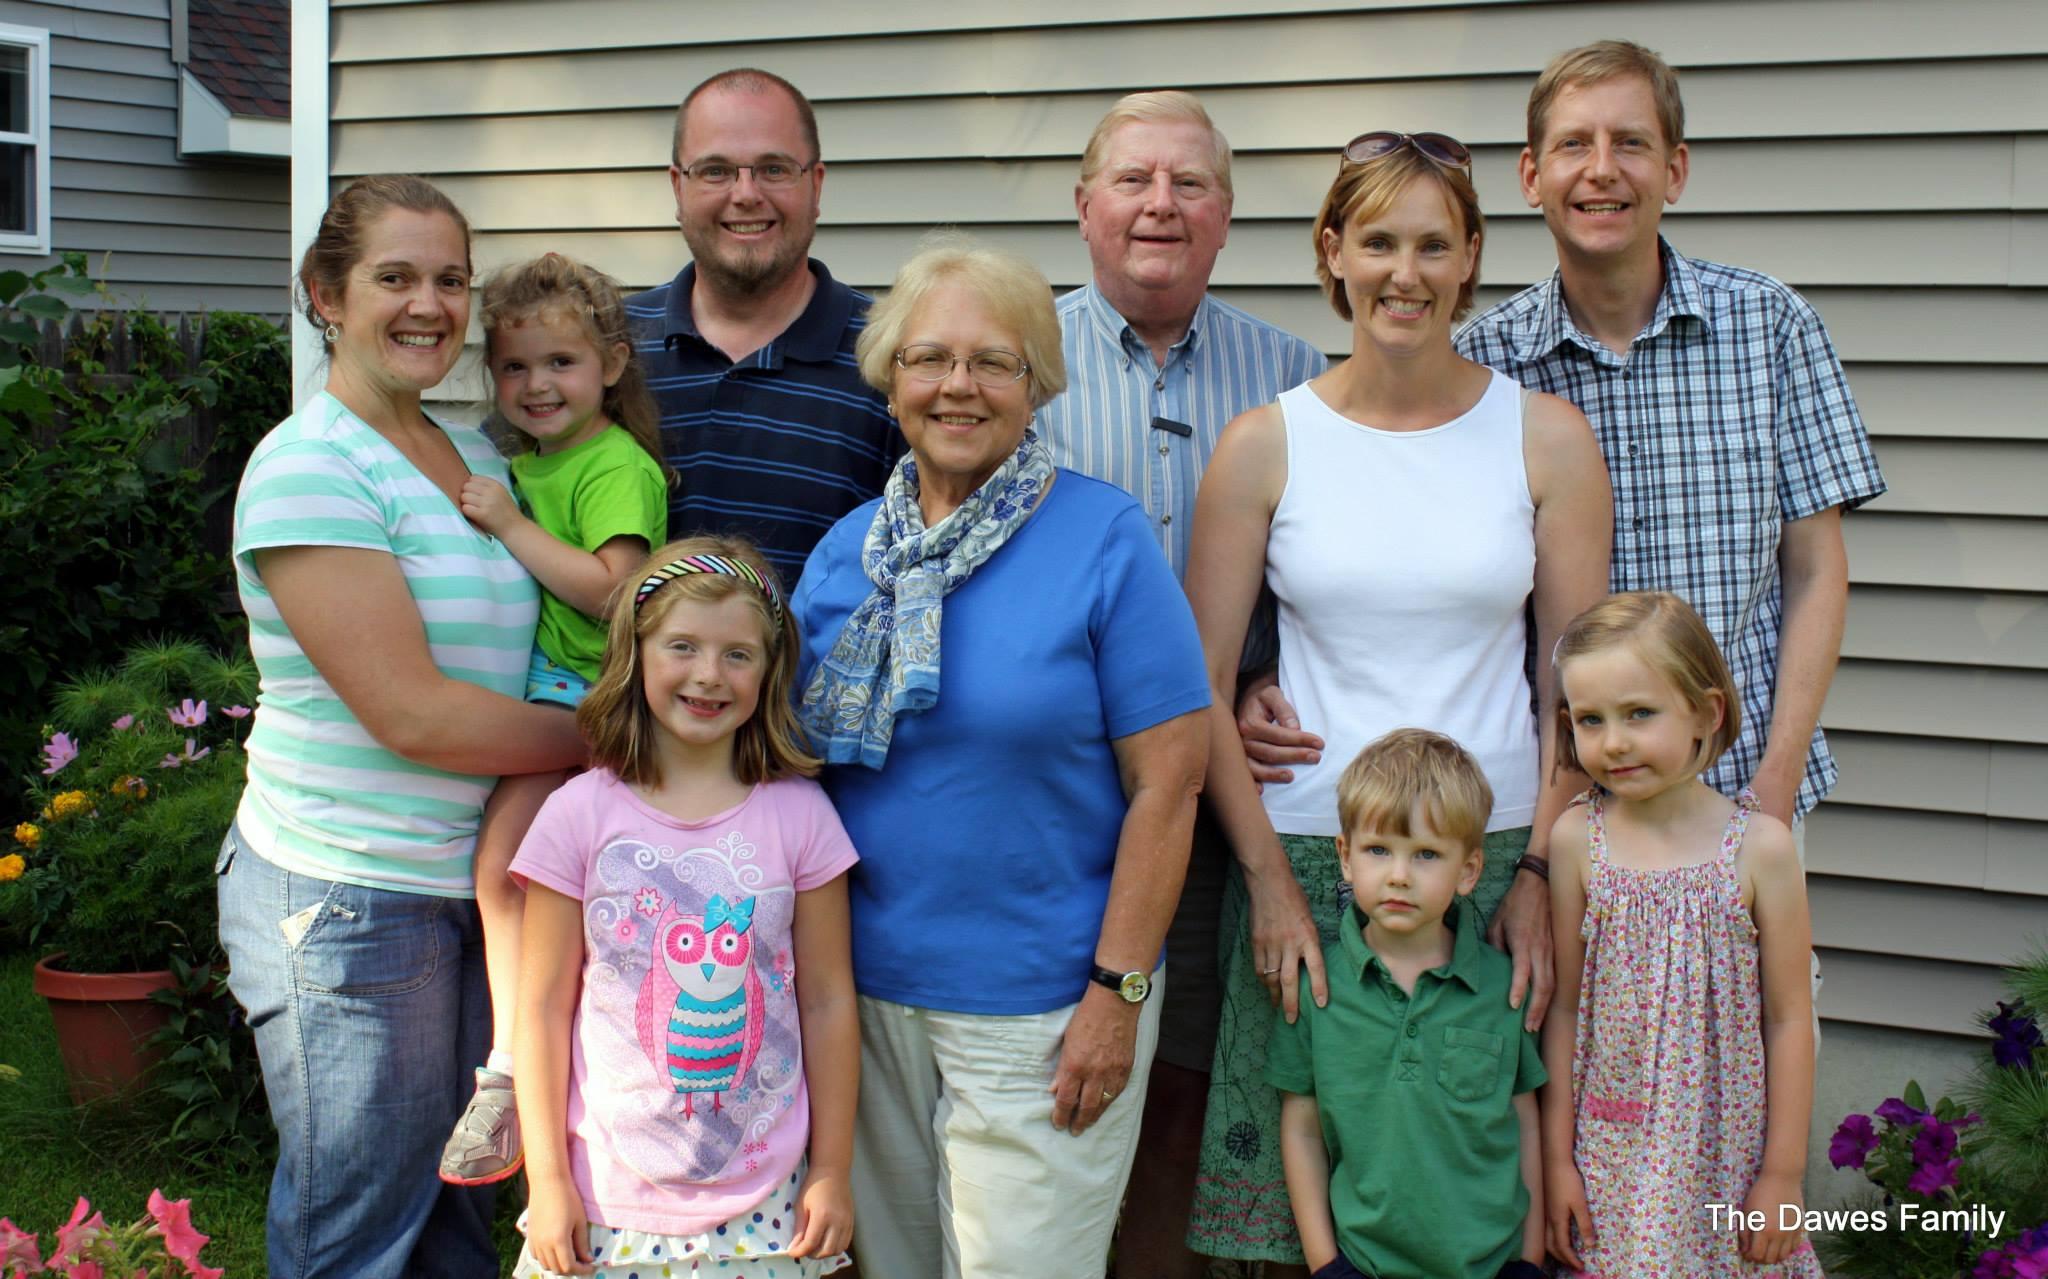 The Dawes Family